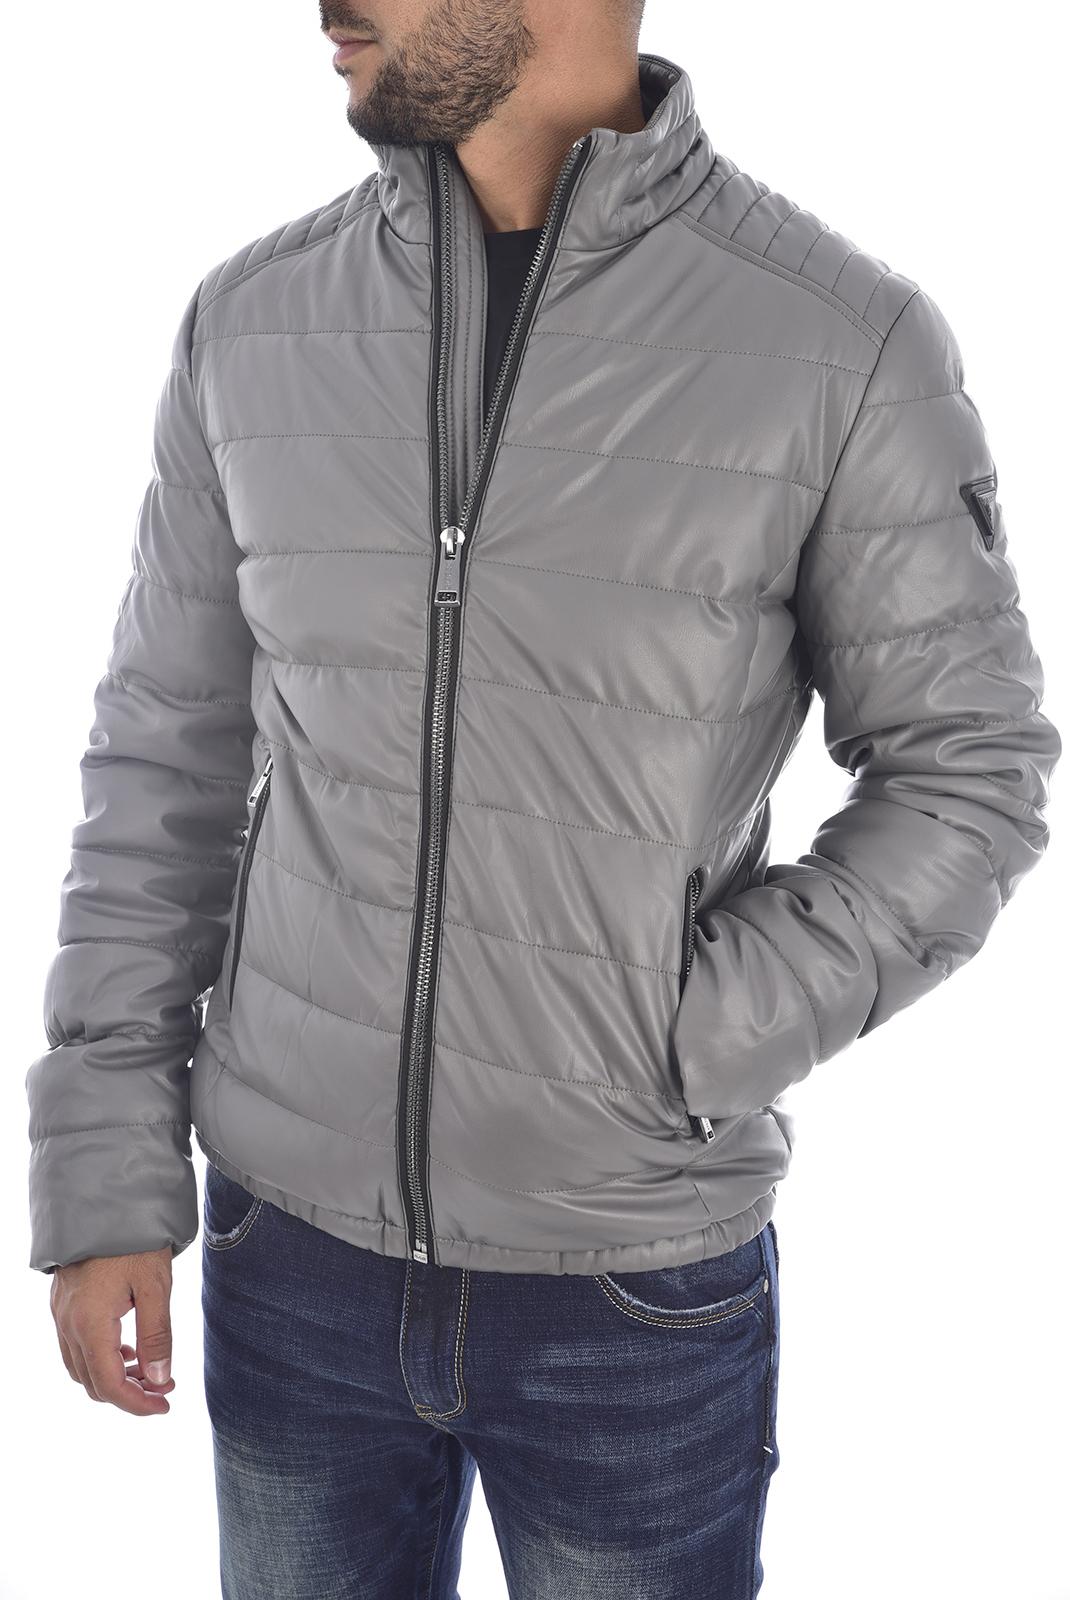 Blousons / doudounes  Guess jeans M94L43 WABC0 G9E0 WOLF SKIN